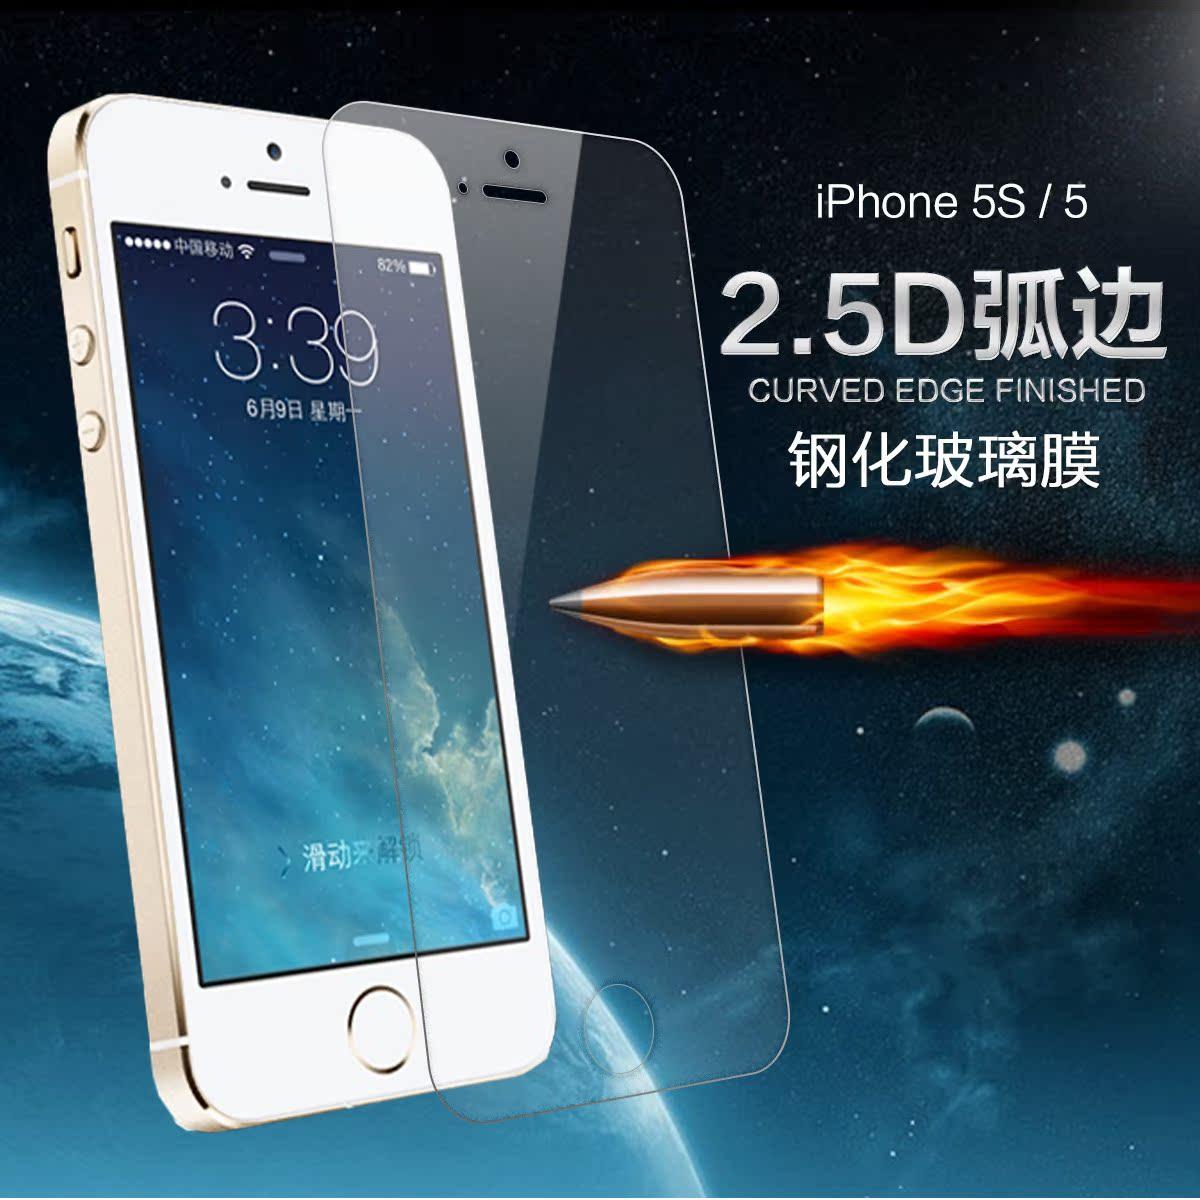 喜康 iphone5s钢化膜 5S钢化玻璃膜 苹果5S钢化膜 苹果5手机膜